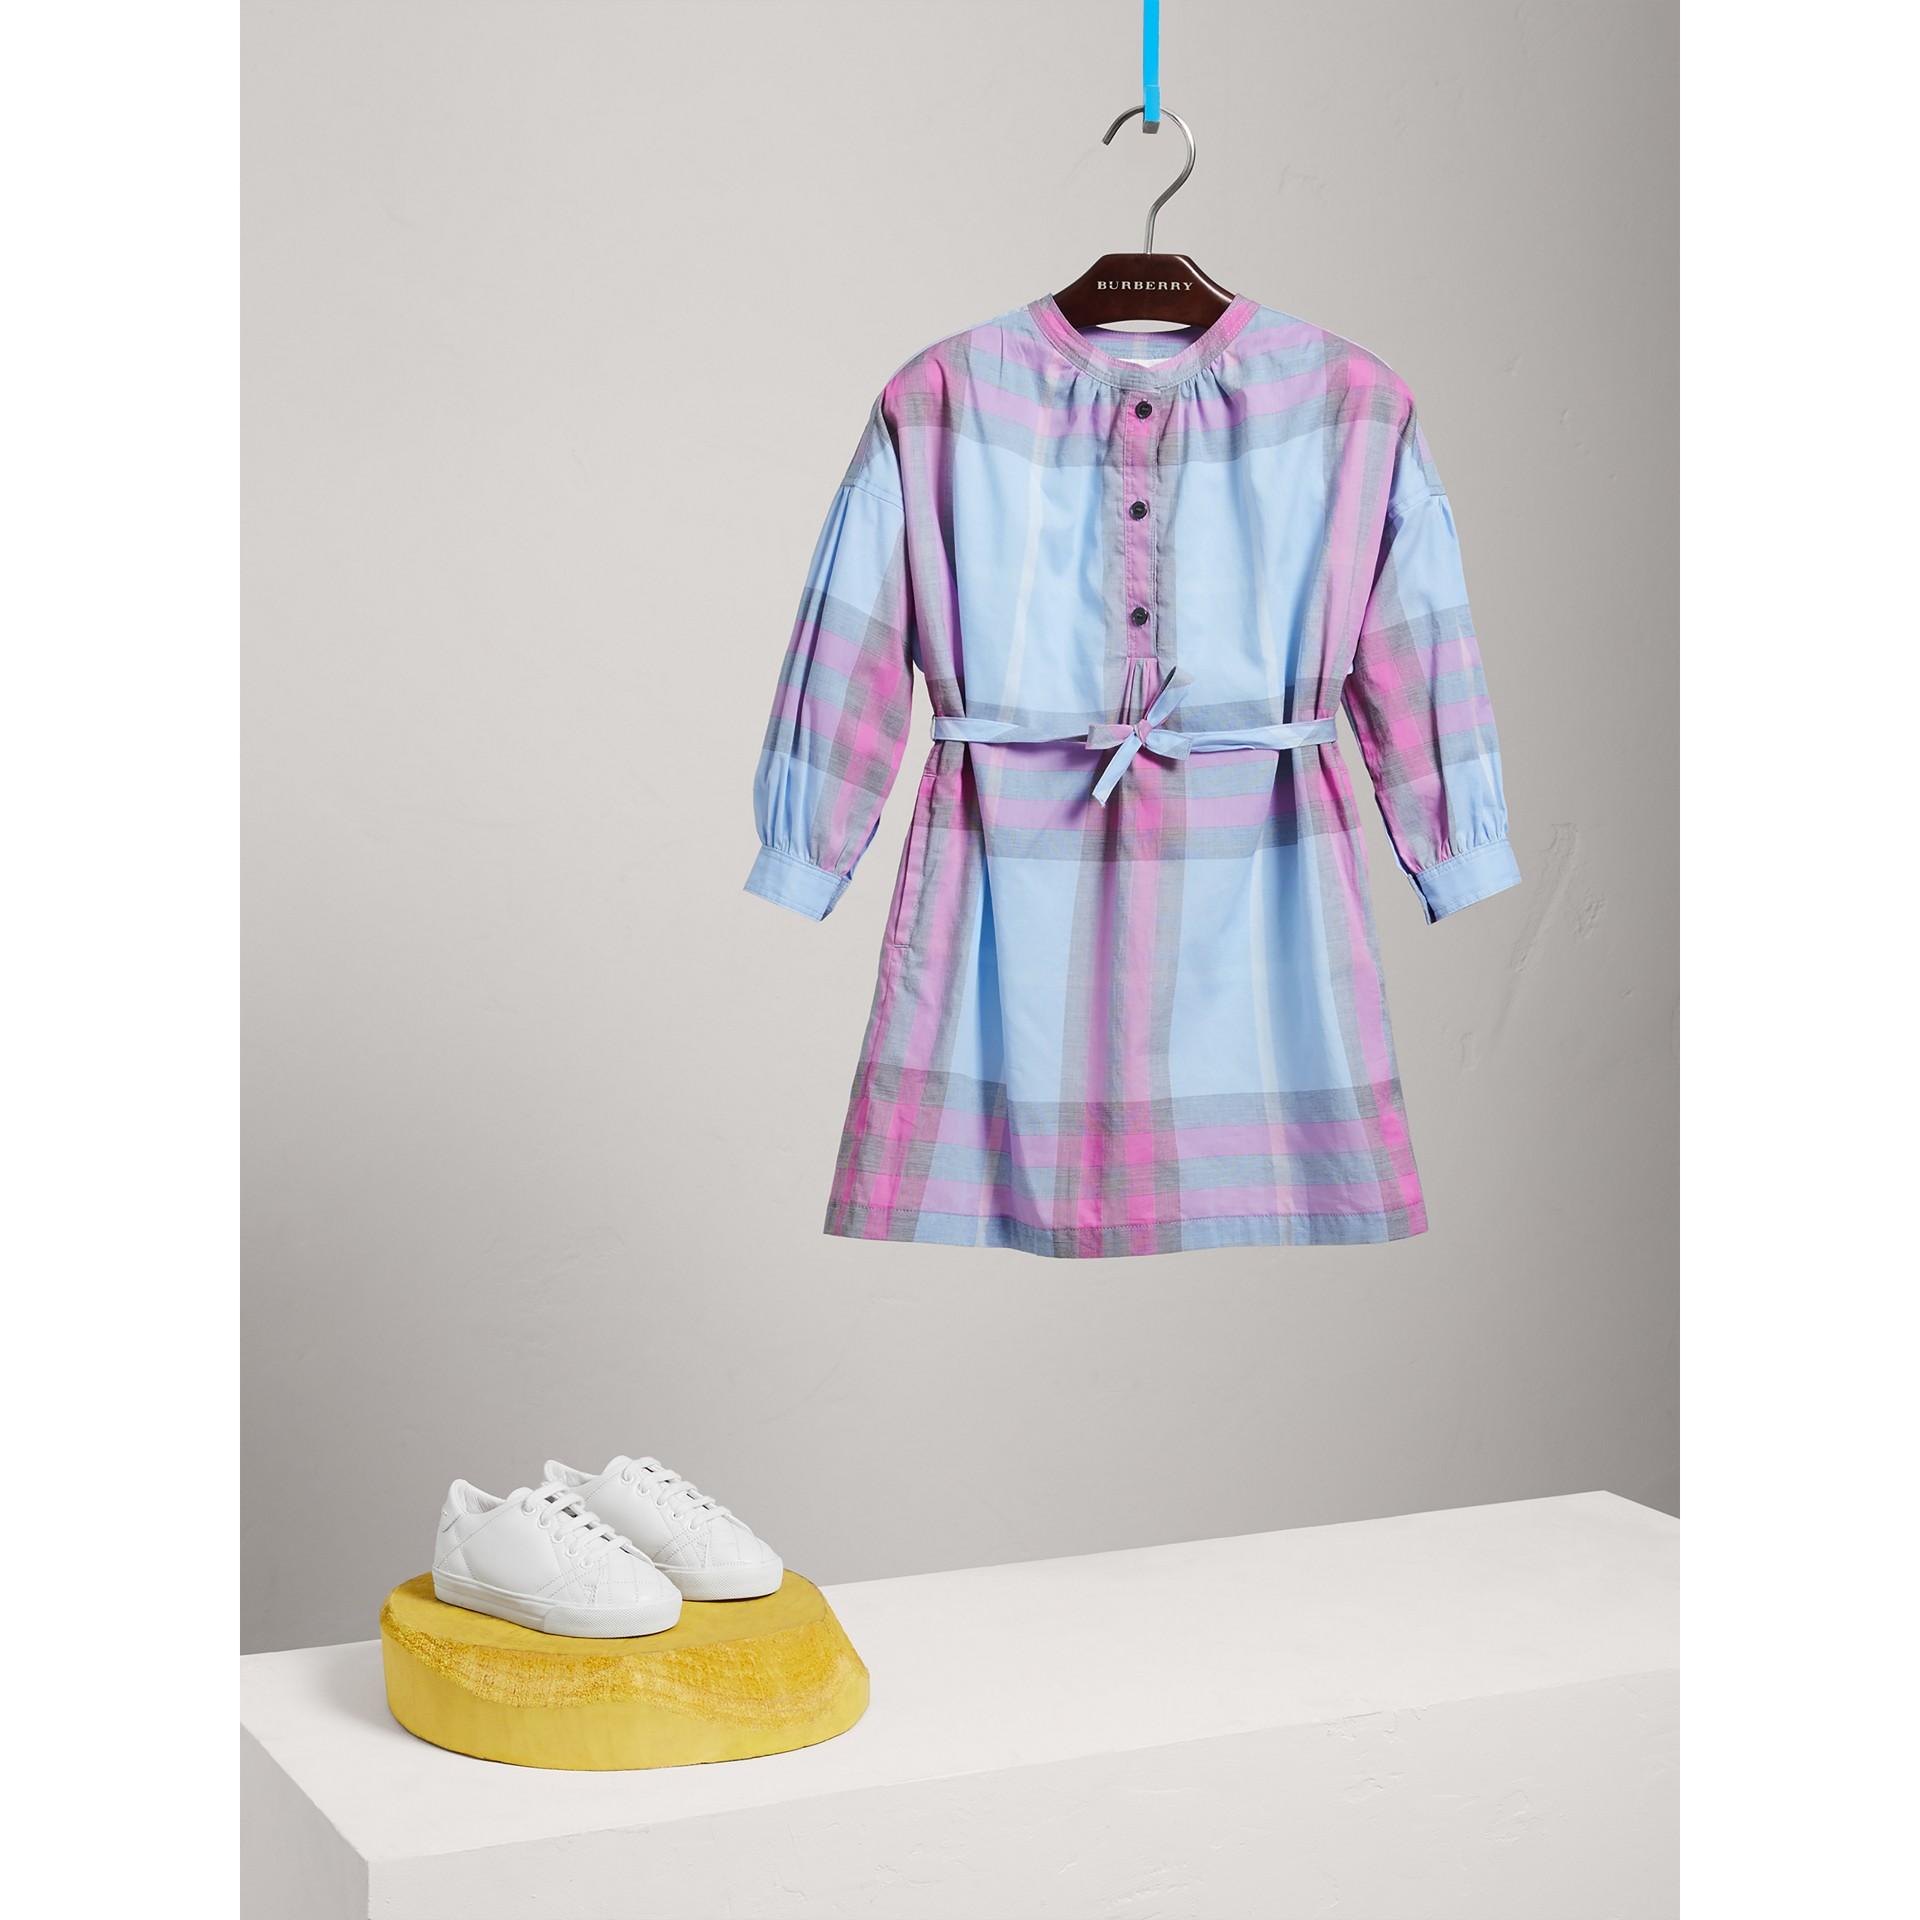 チェック コットン シャツドレス (チョークブルー) - ガール | バーバリー - ギャラリーイメージ 2